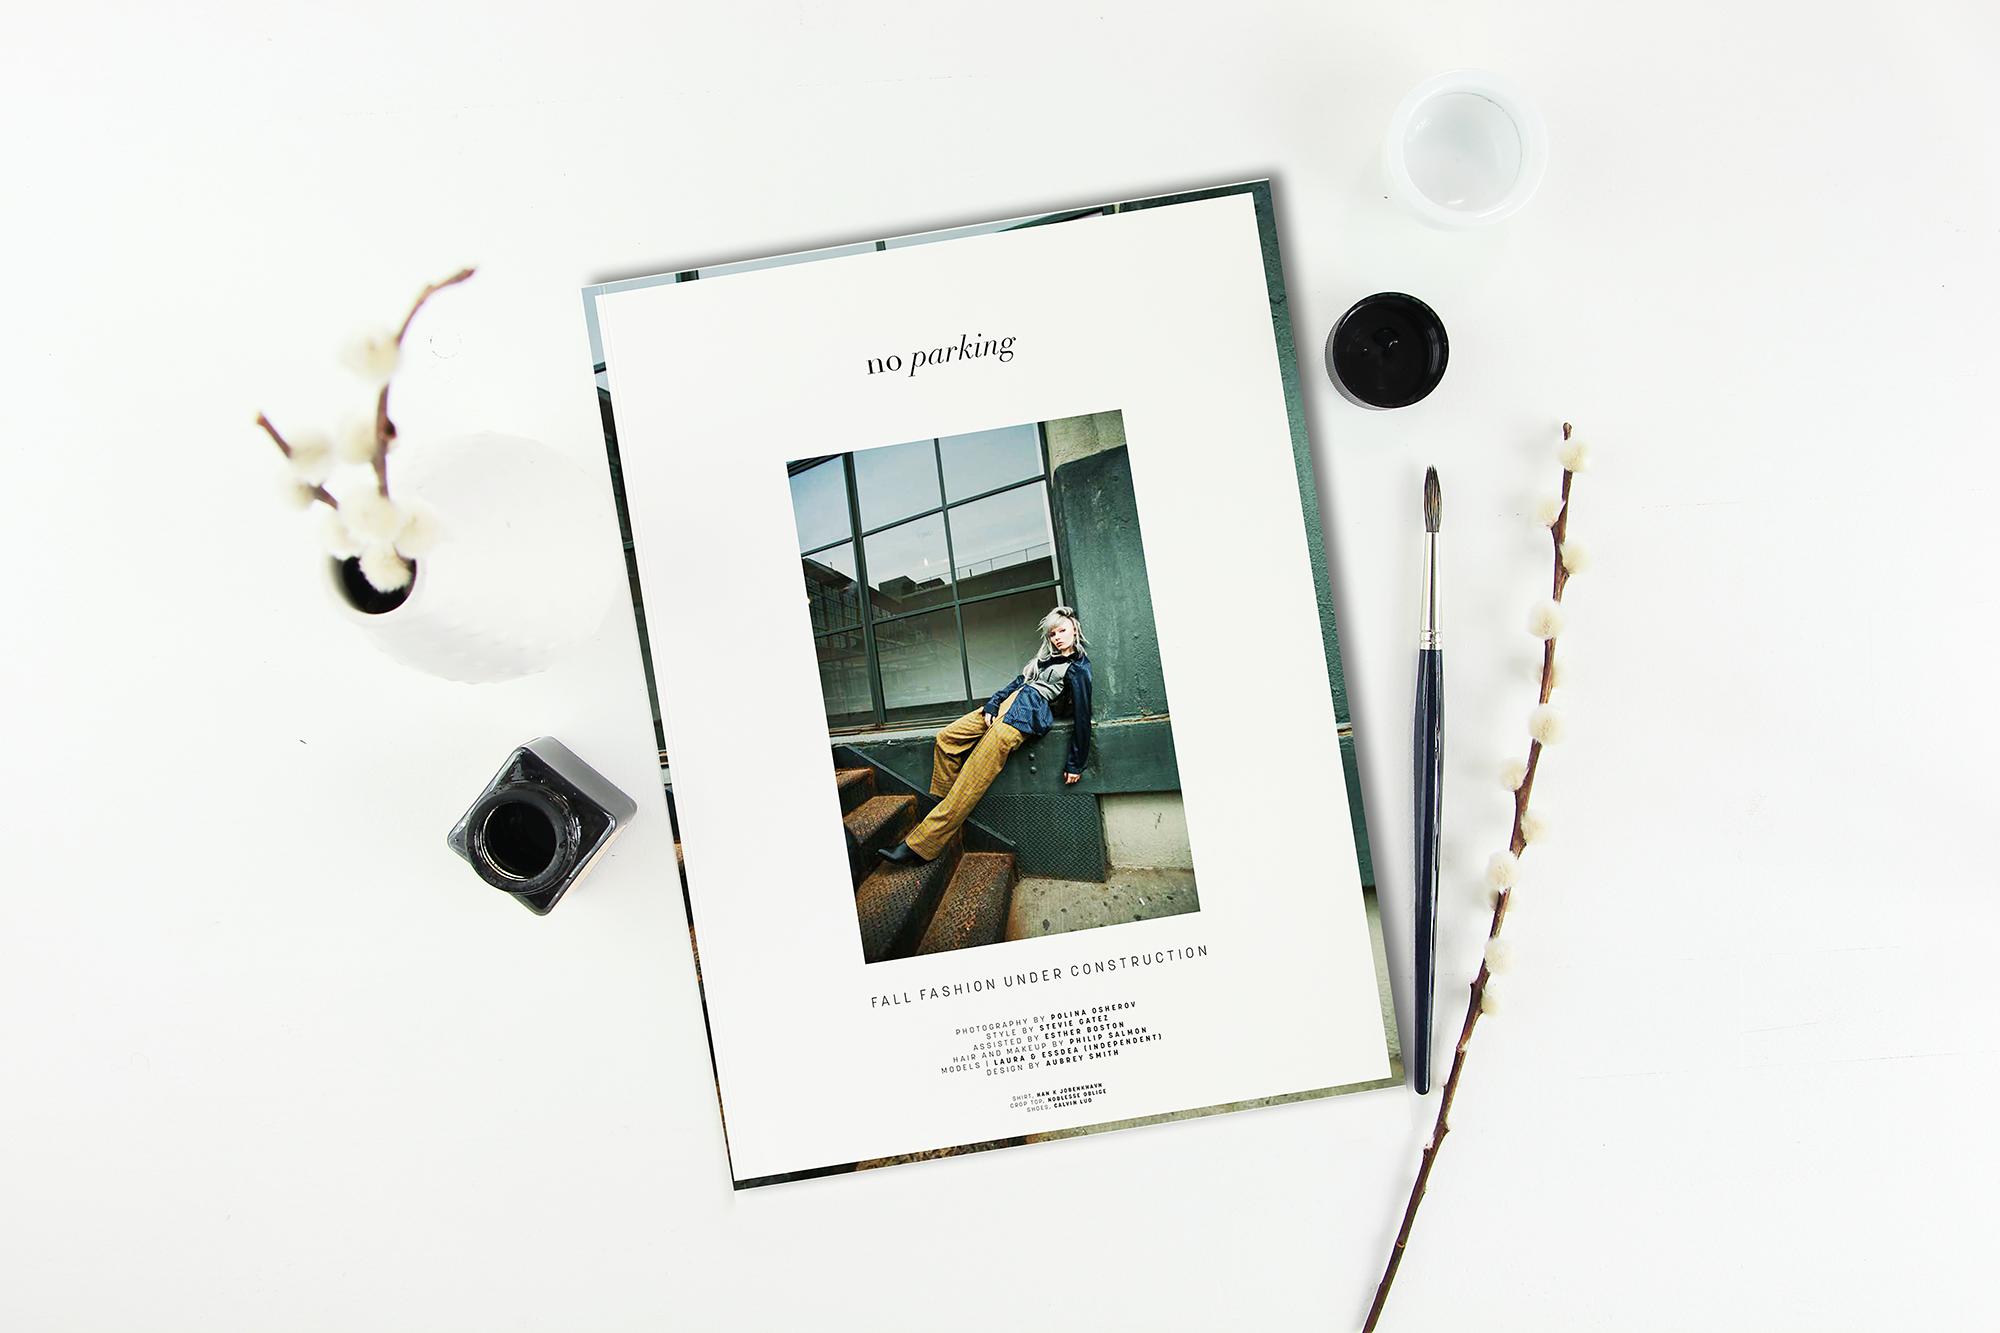 VOLUME twelve: under construction - pattern magazine